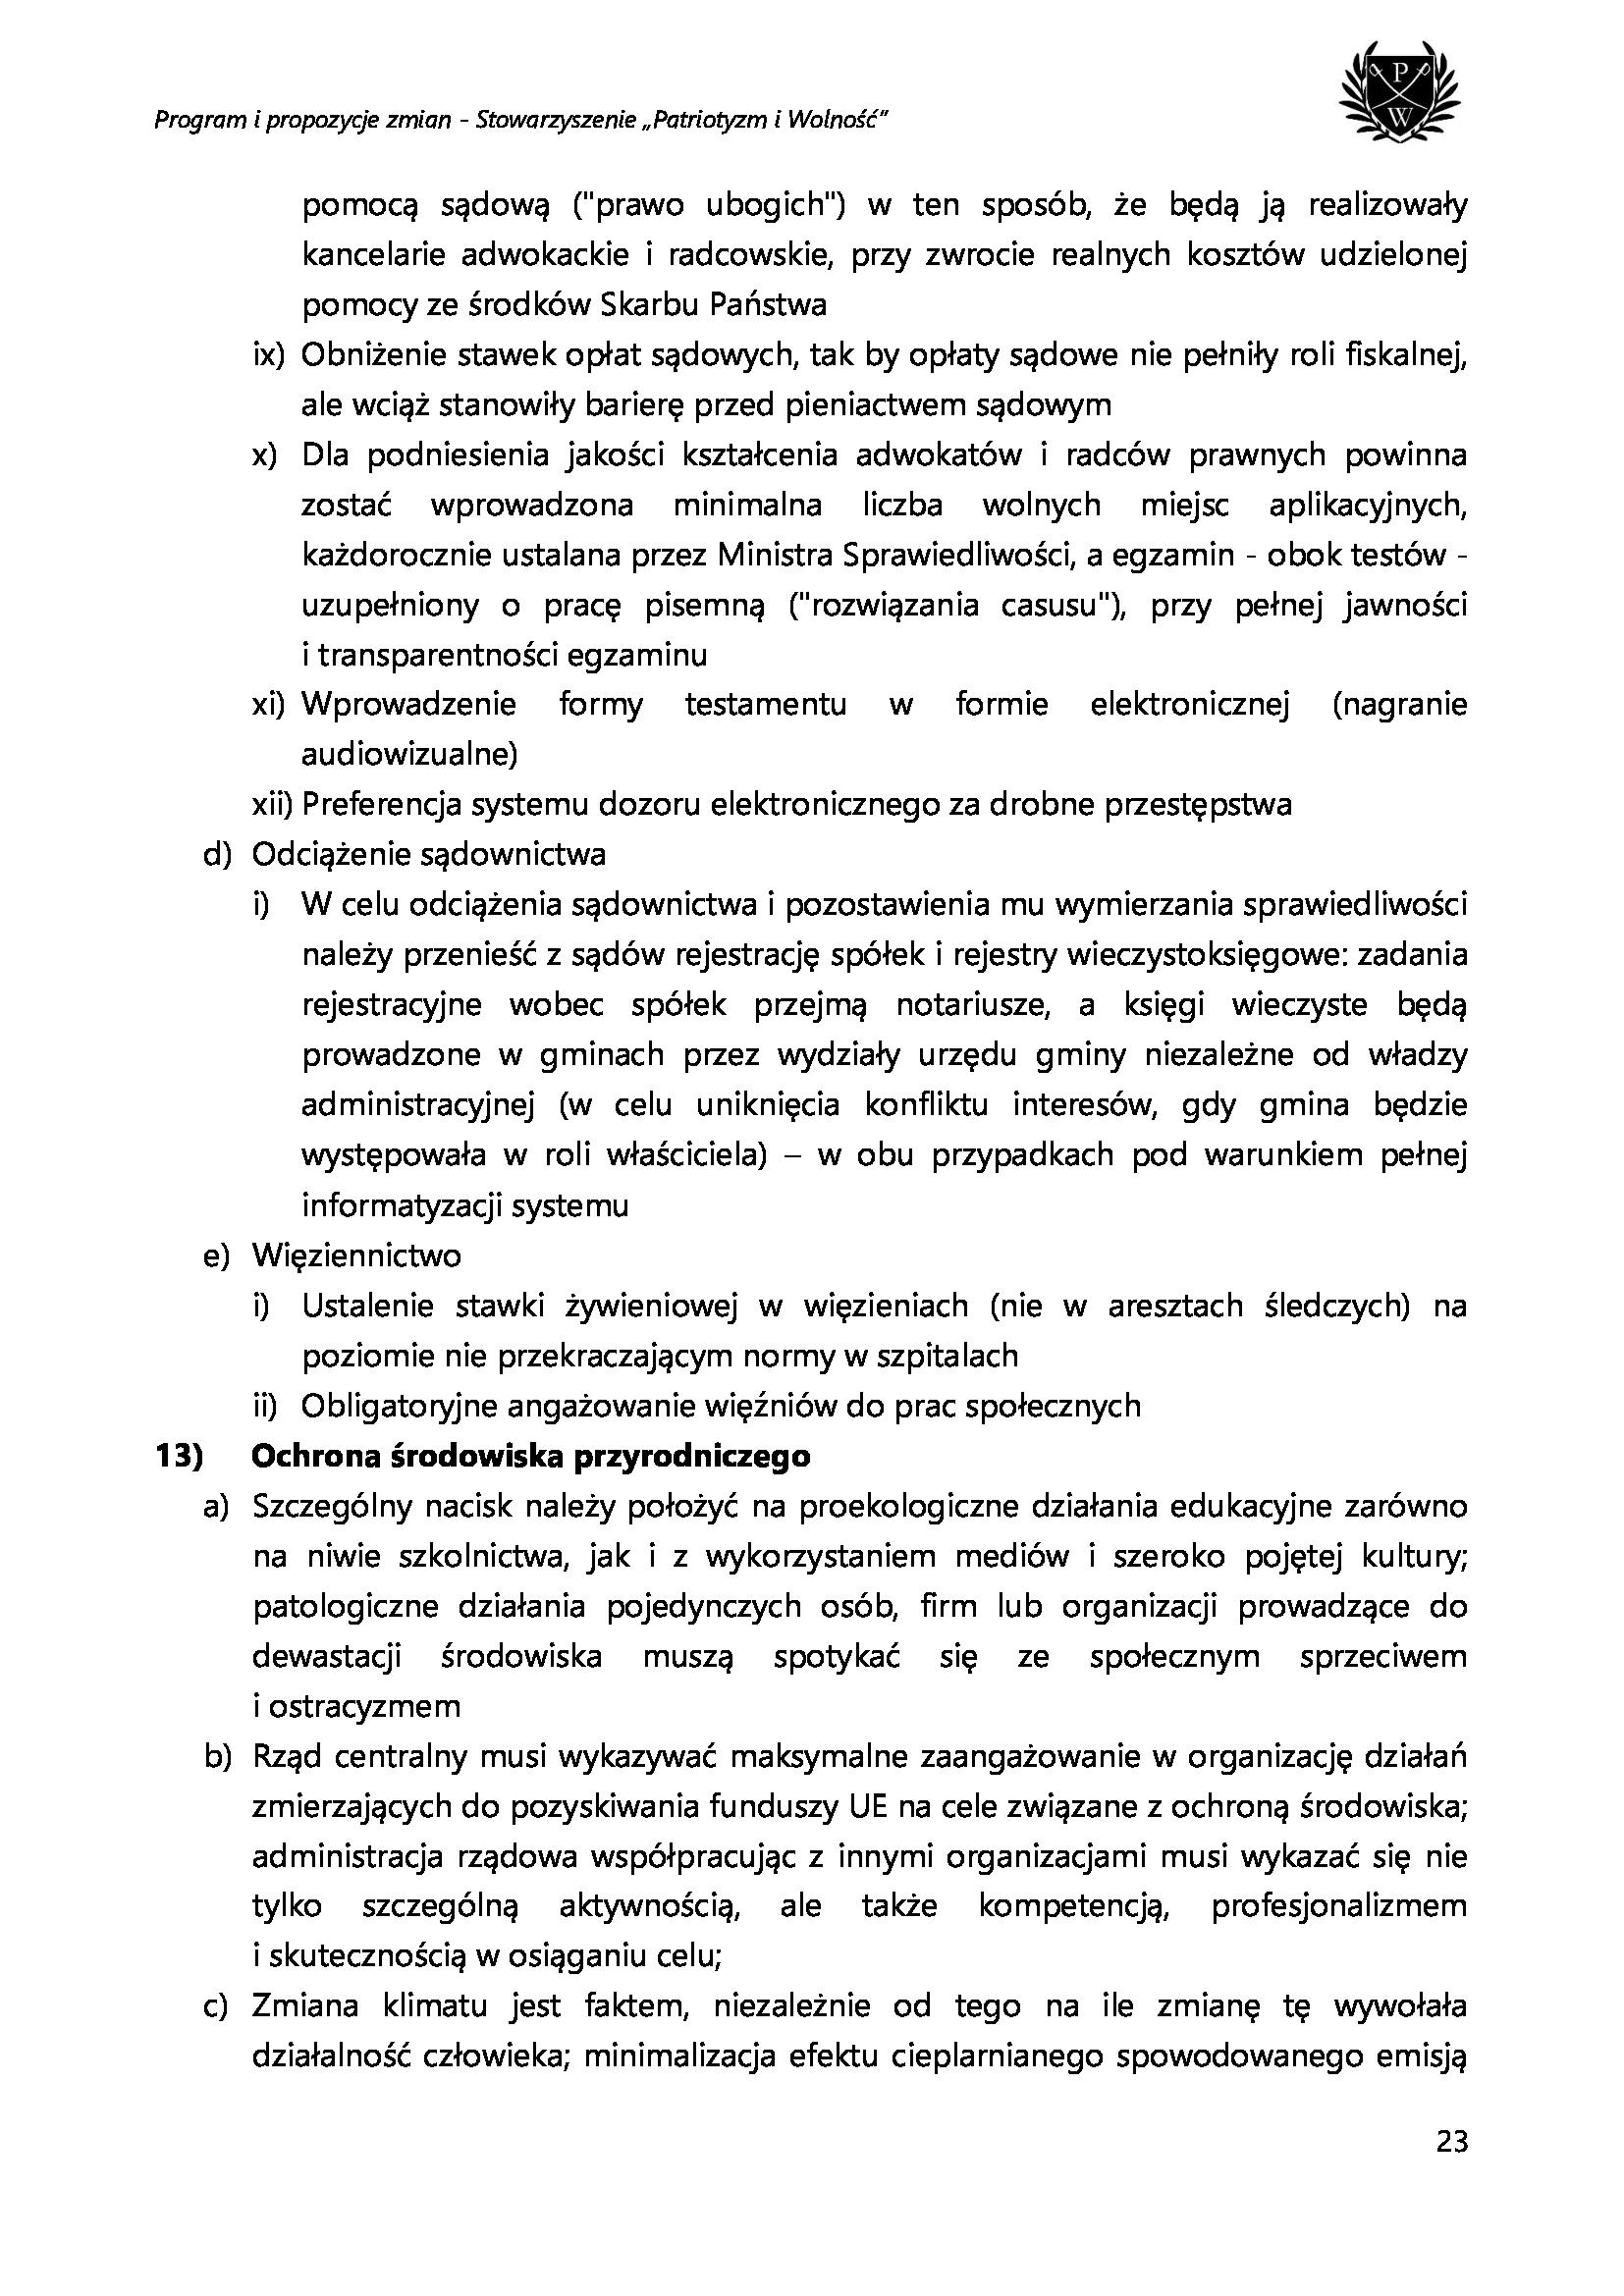 db9e272ef5a9a2e66d26f1905be6c507-23